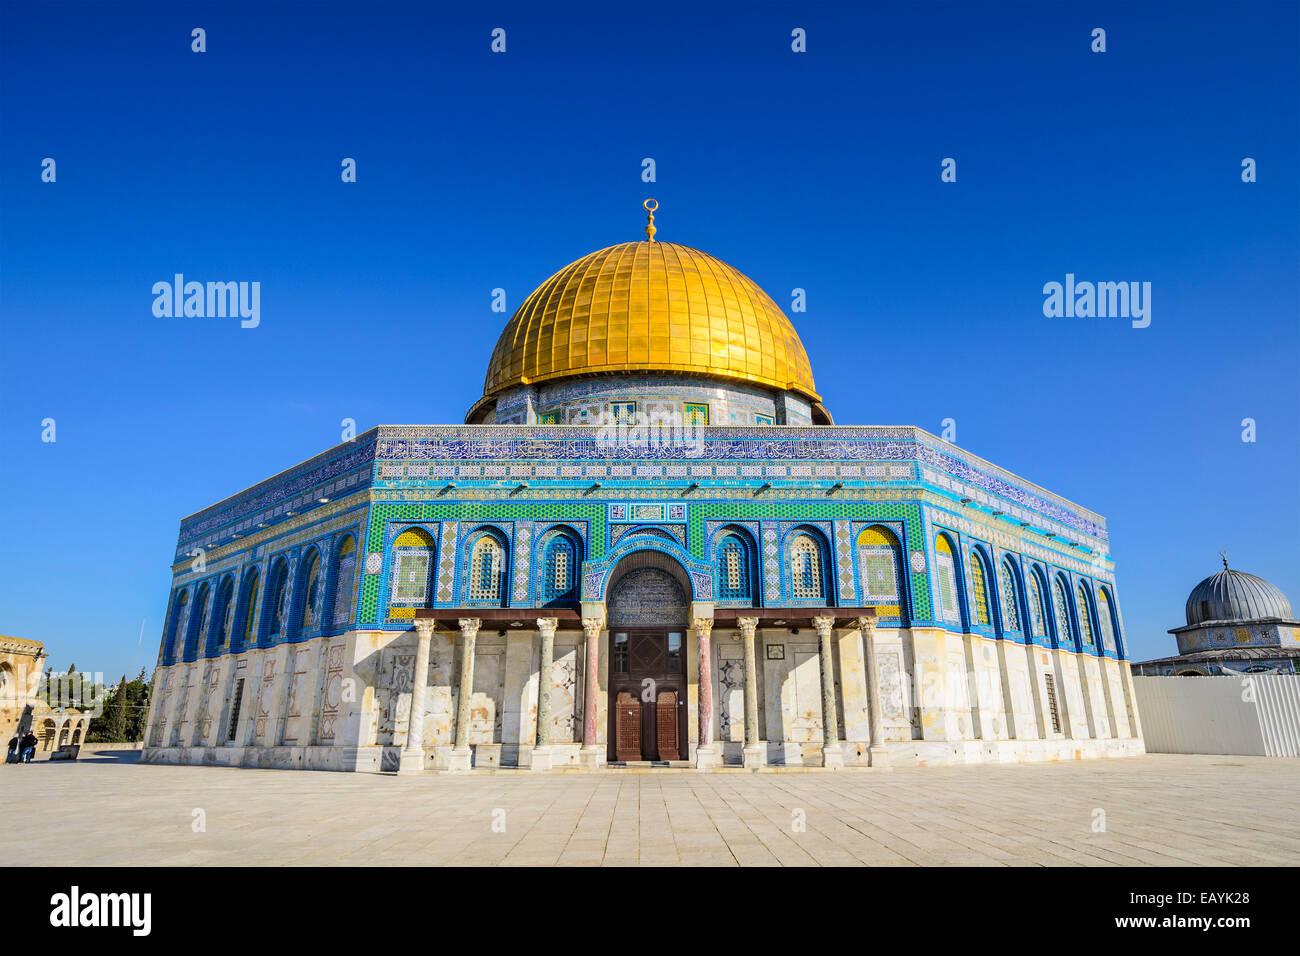 Gerusalemme, Israele presso la Cupola della roccia, una delle più antiche opere di architettura islamica. Immagini Stock